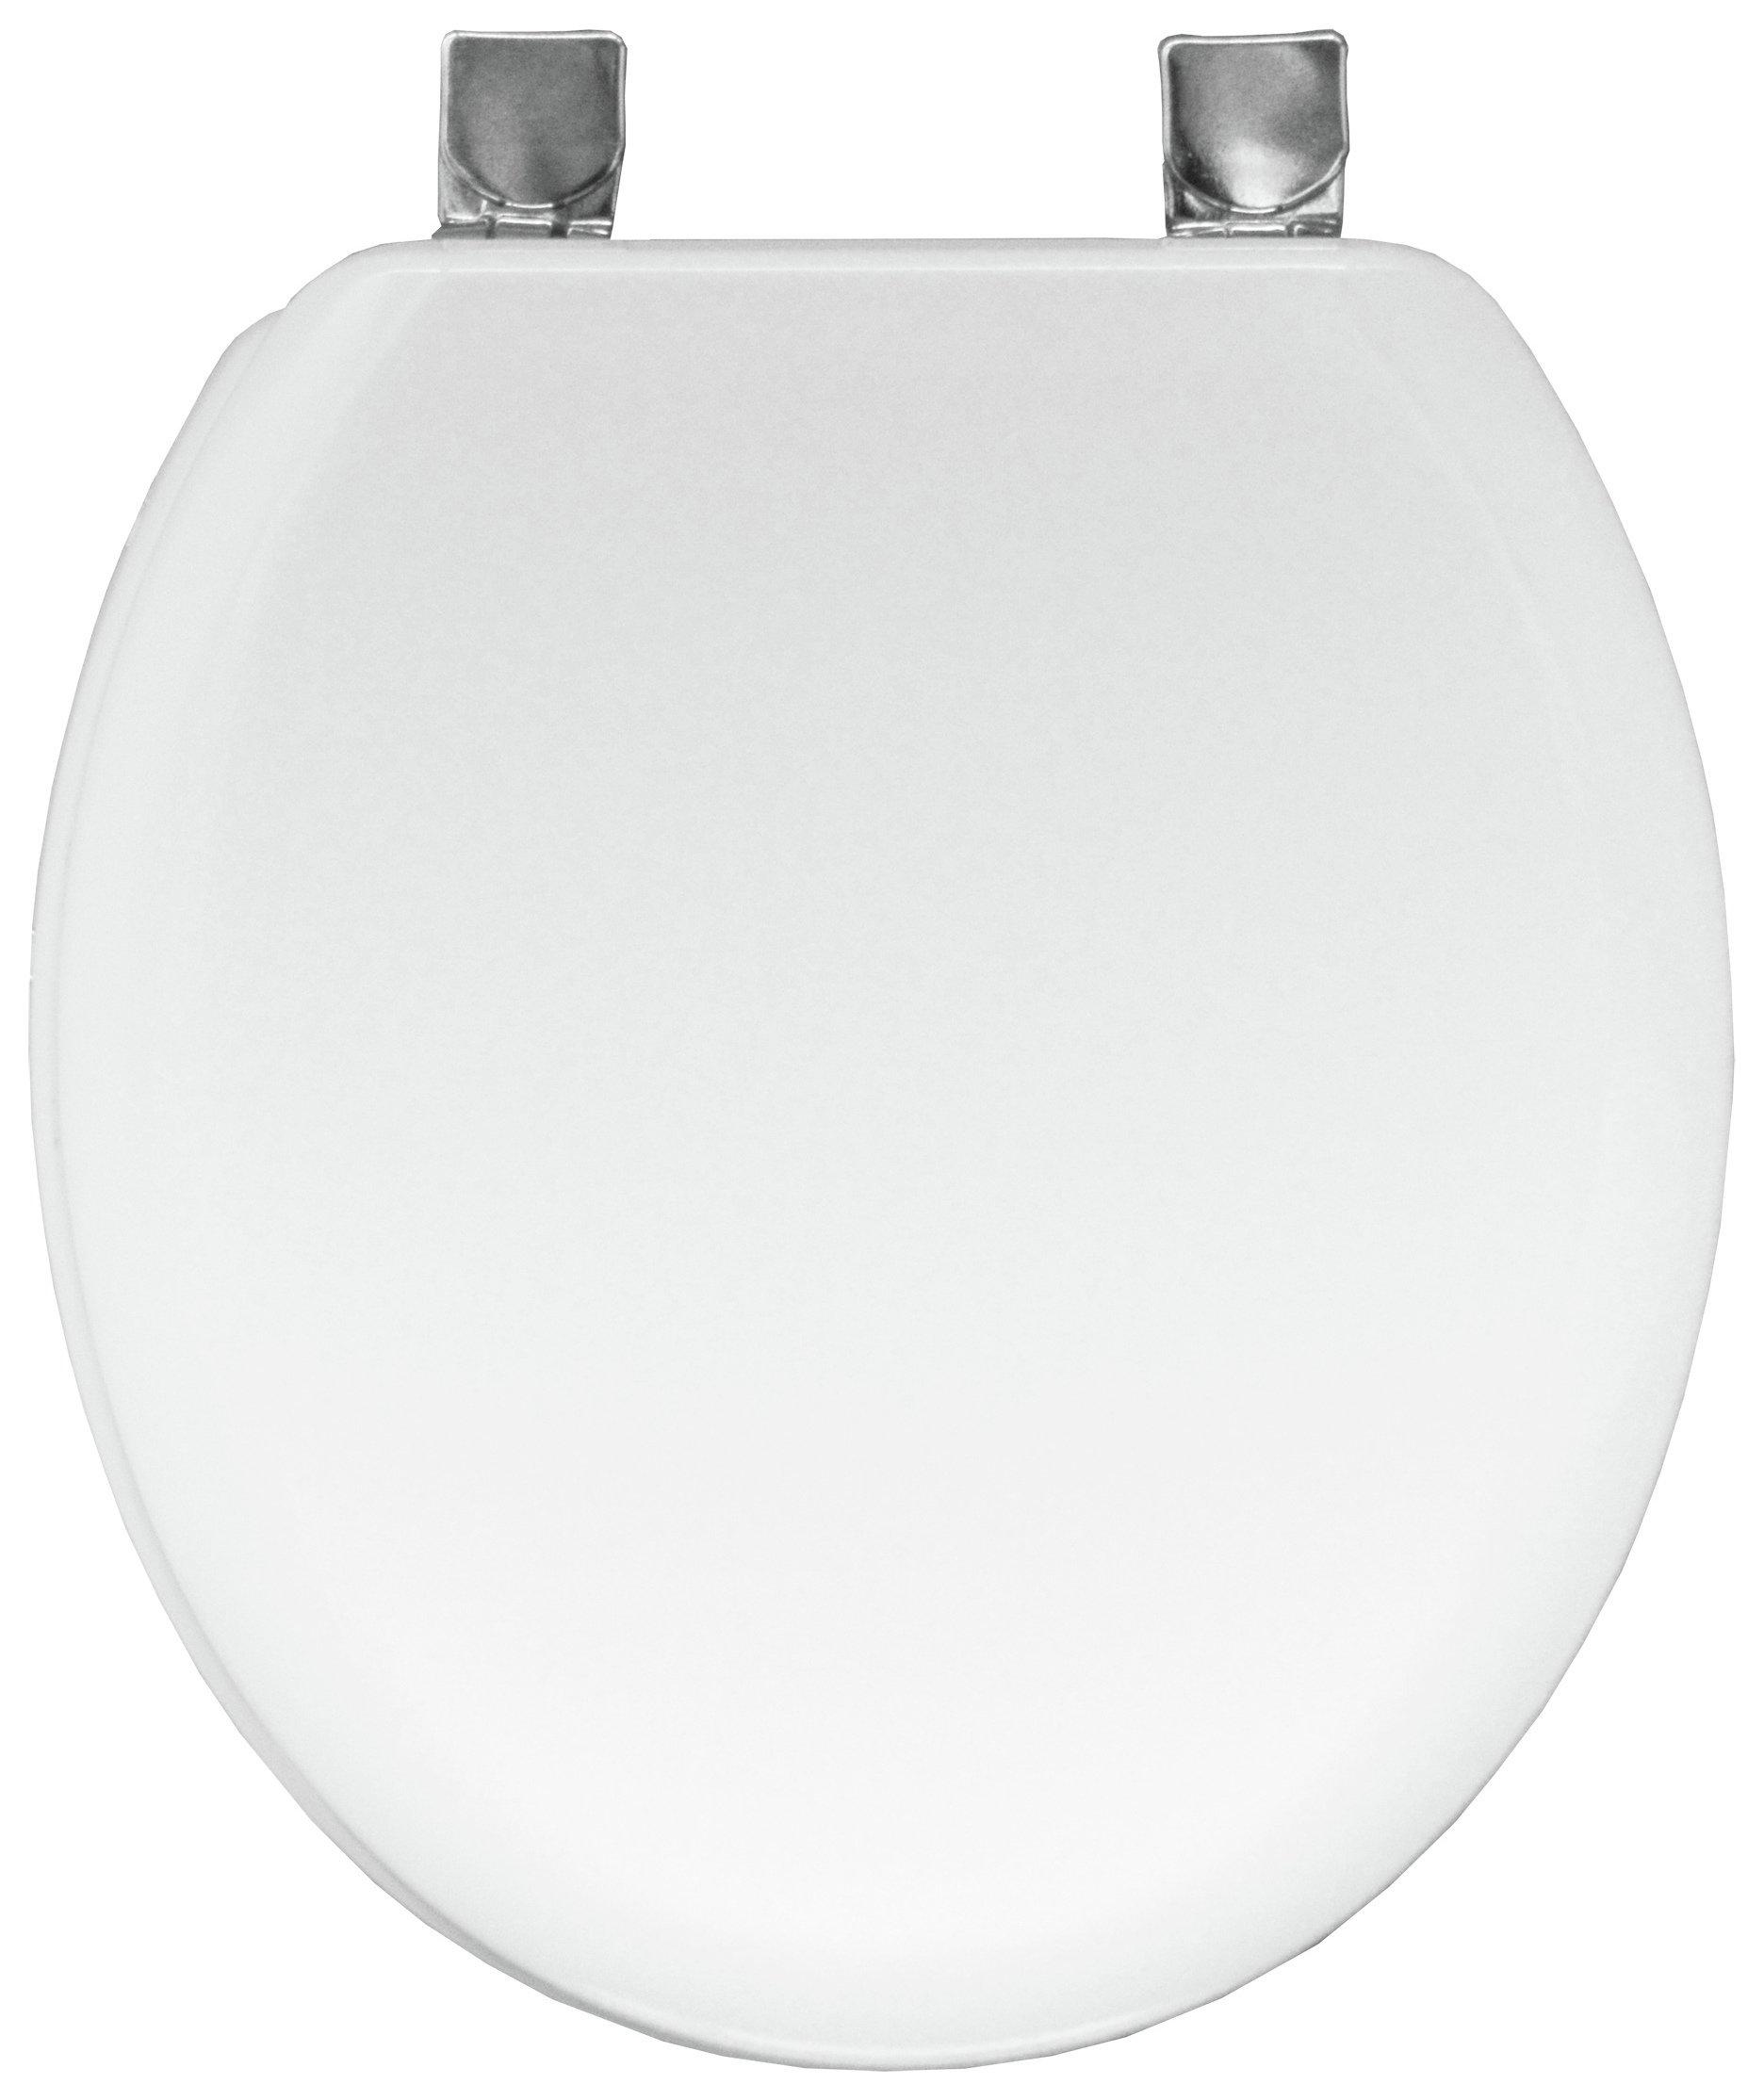 Bemis Chicago Statite Toilet Seat White 163 31 99 Gay Times